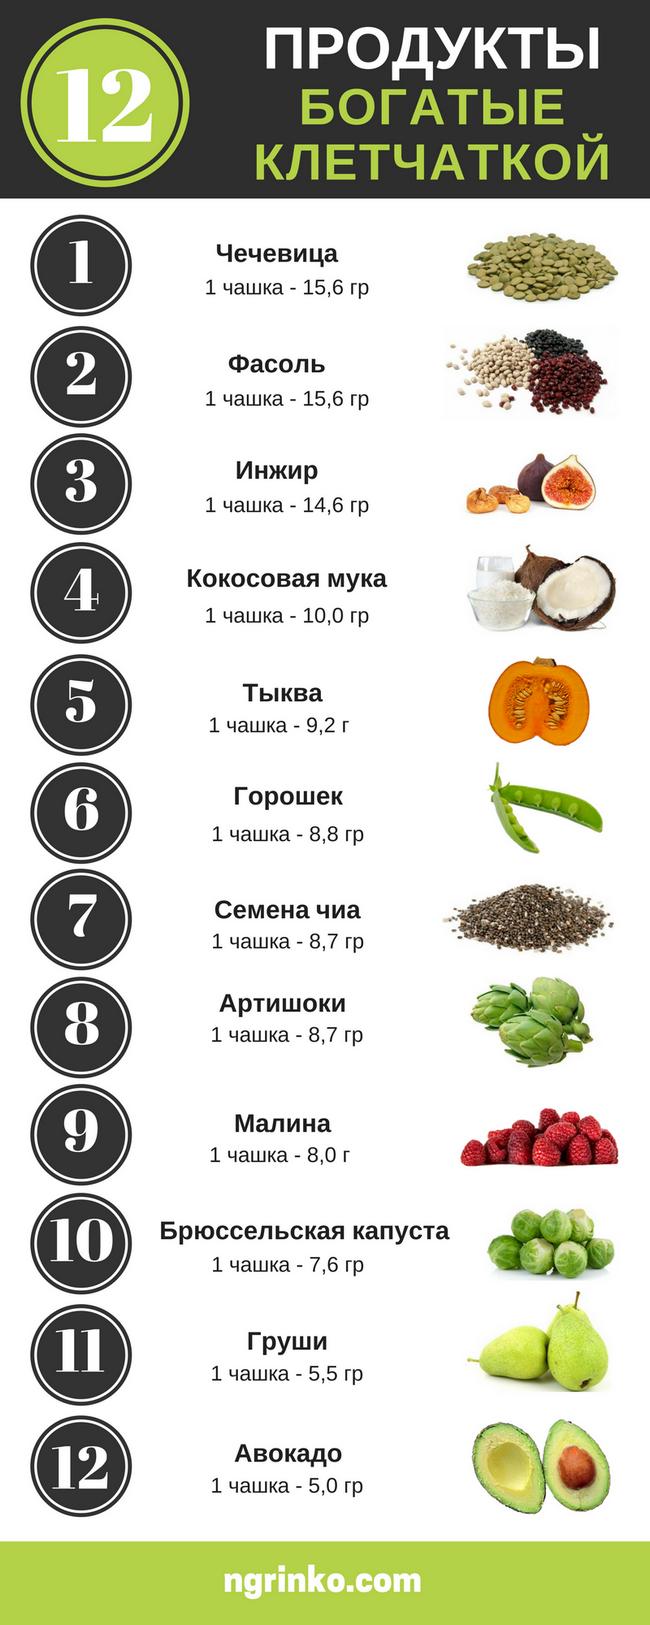 тест на продукты питания для похудения